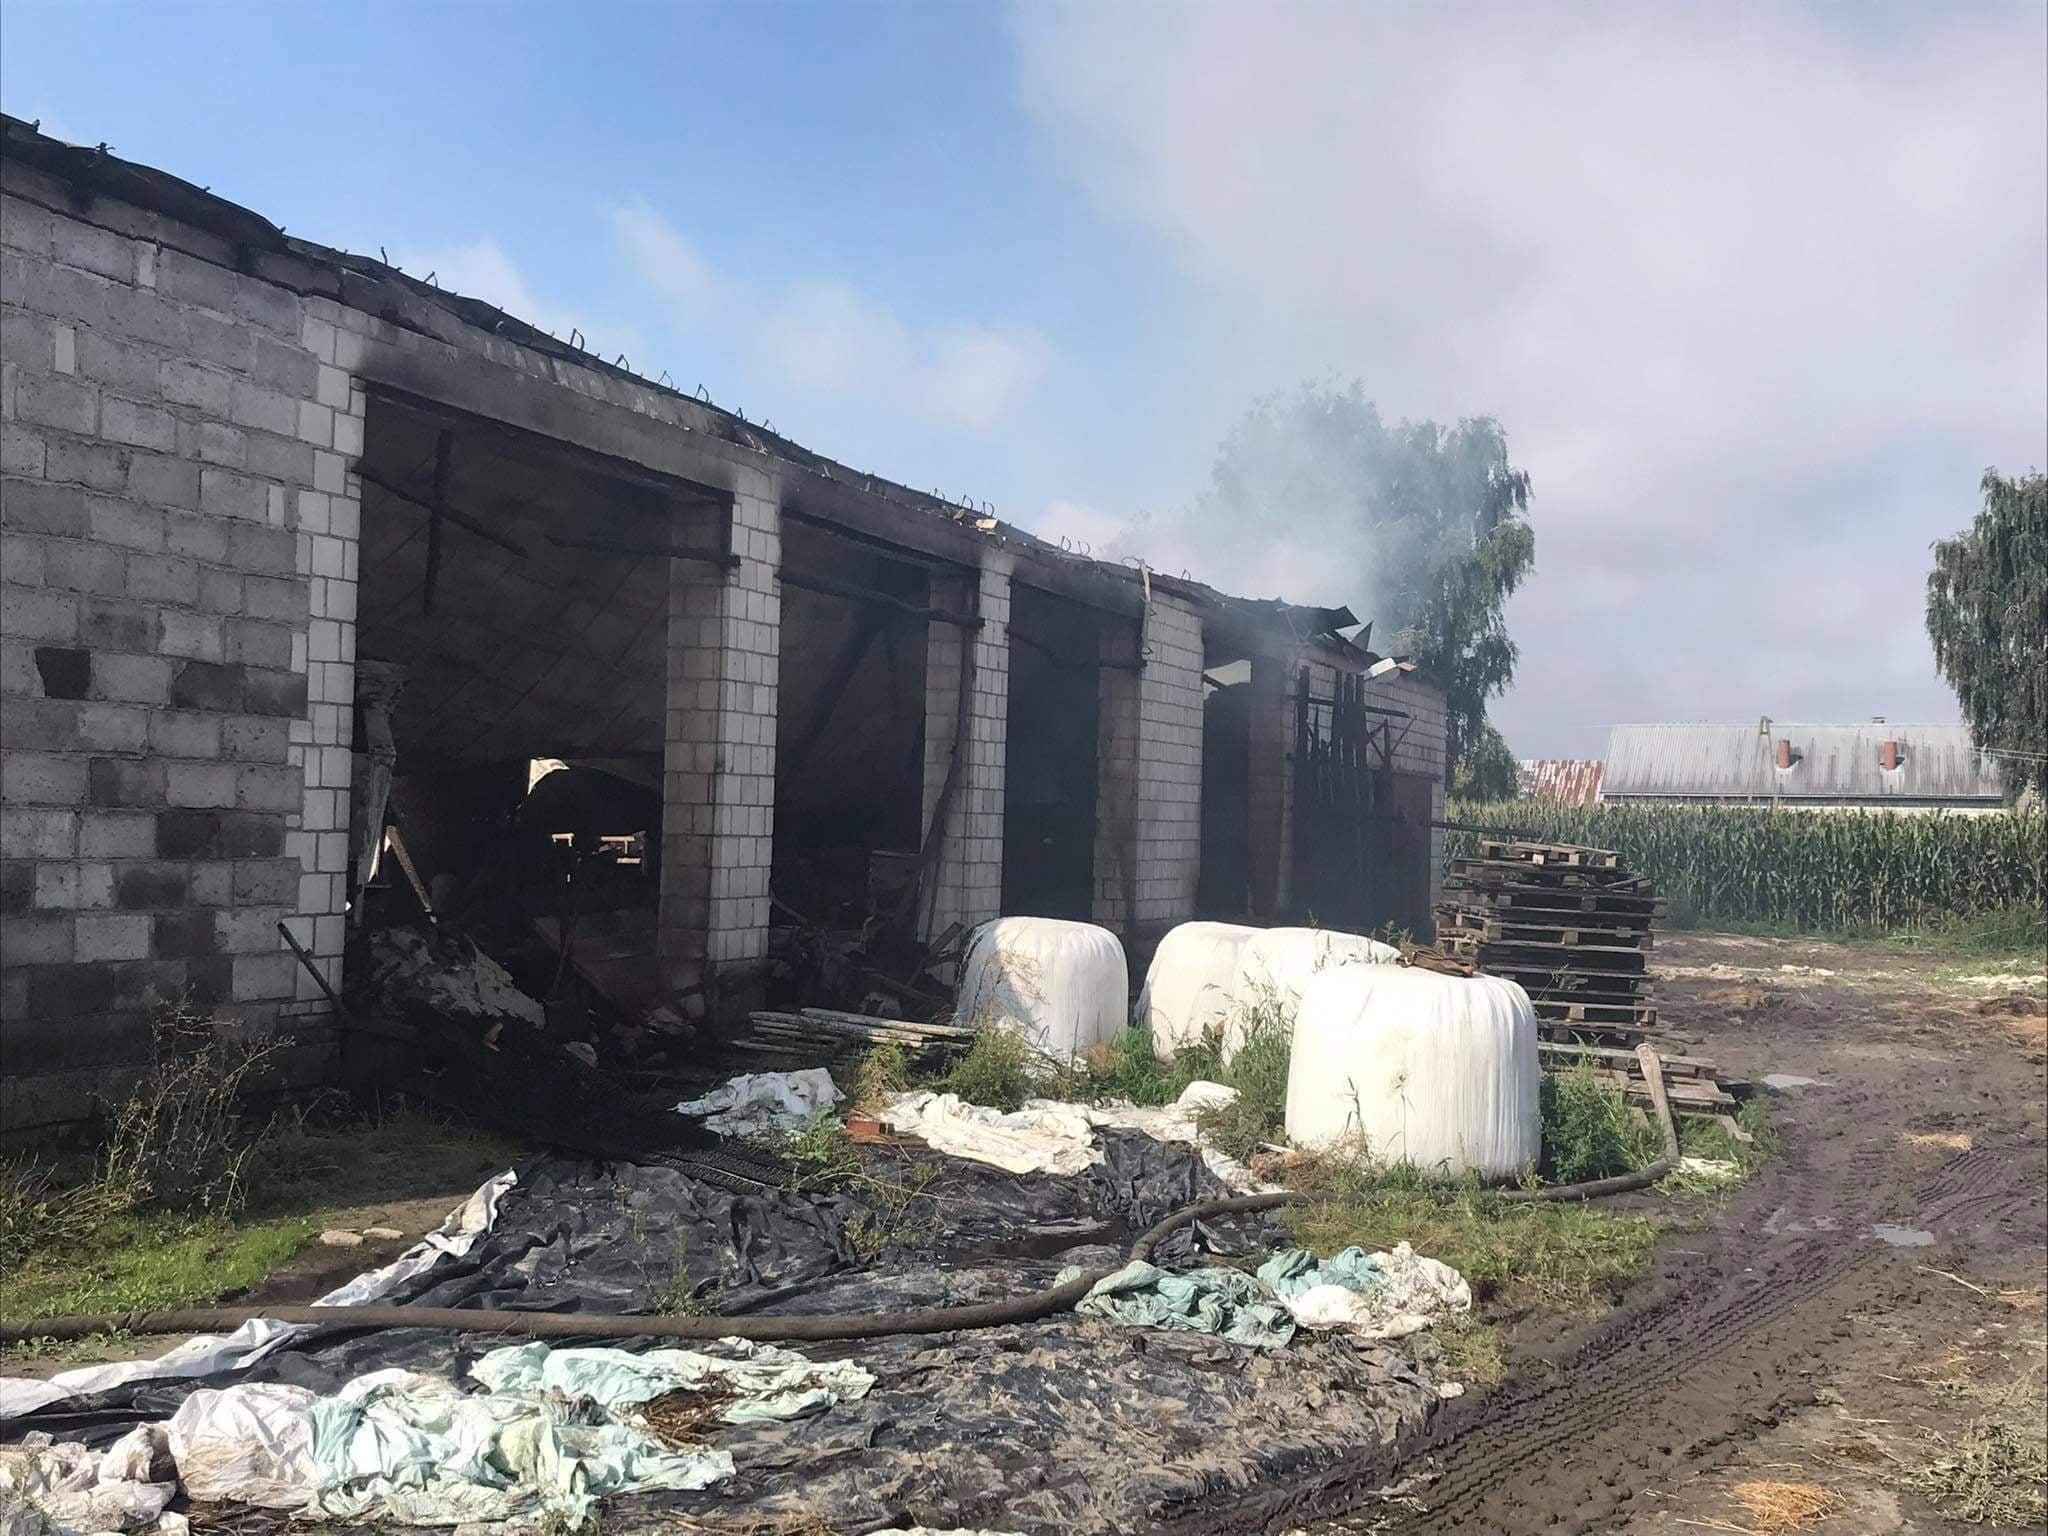 ŁUKÓW. Strażacy podsumowali bilans gigantycznego pożaru  - Zdjęcie główne